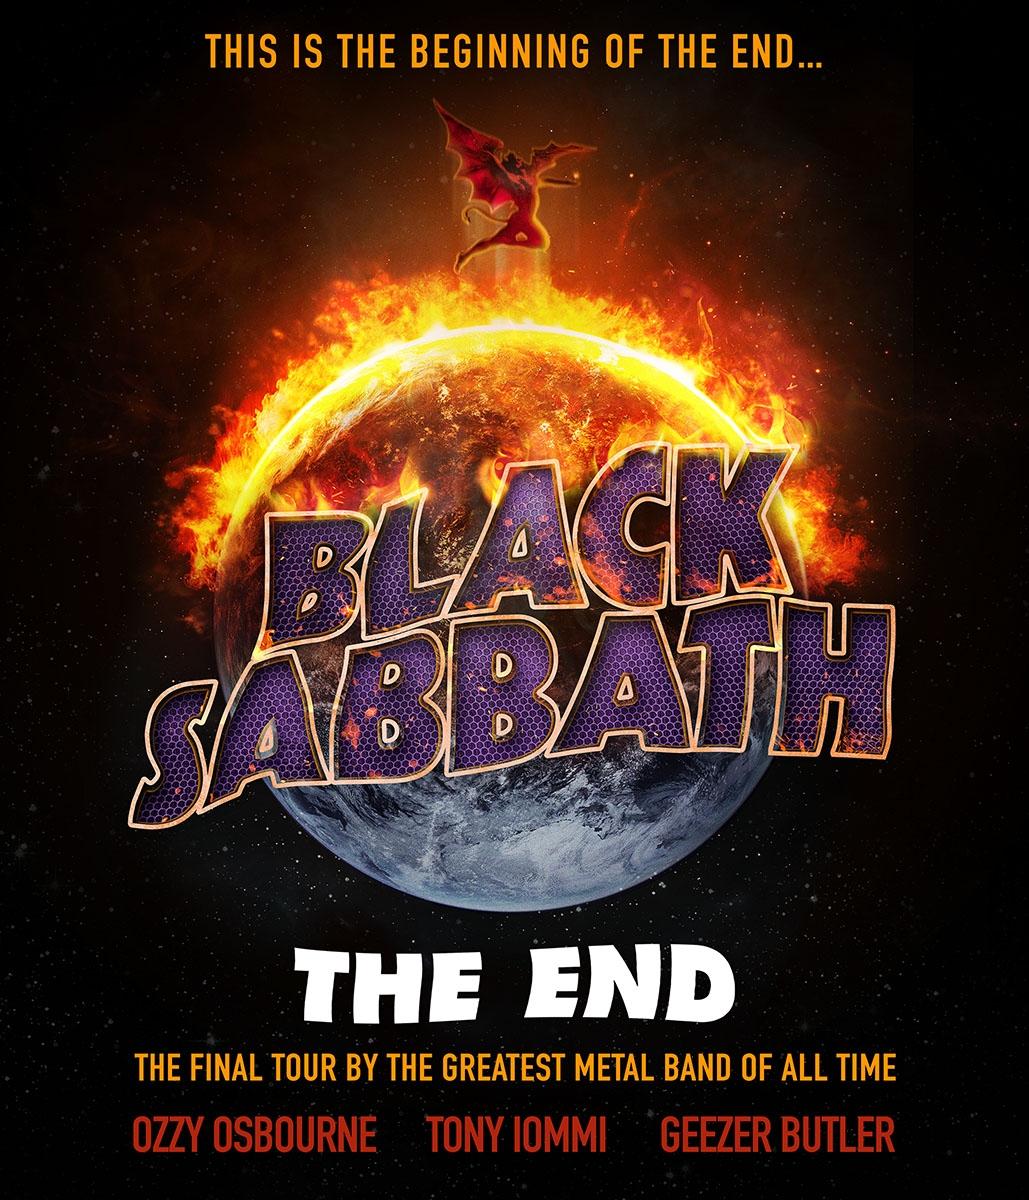 BLACK SABBATH ANNOUNCE FAREWELL TOUR